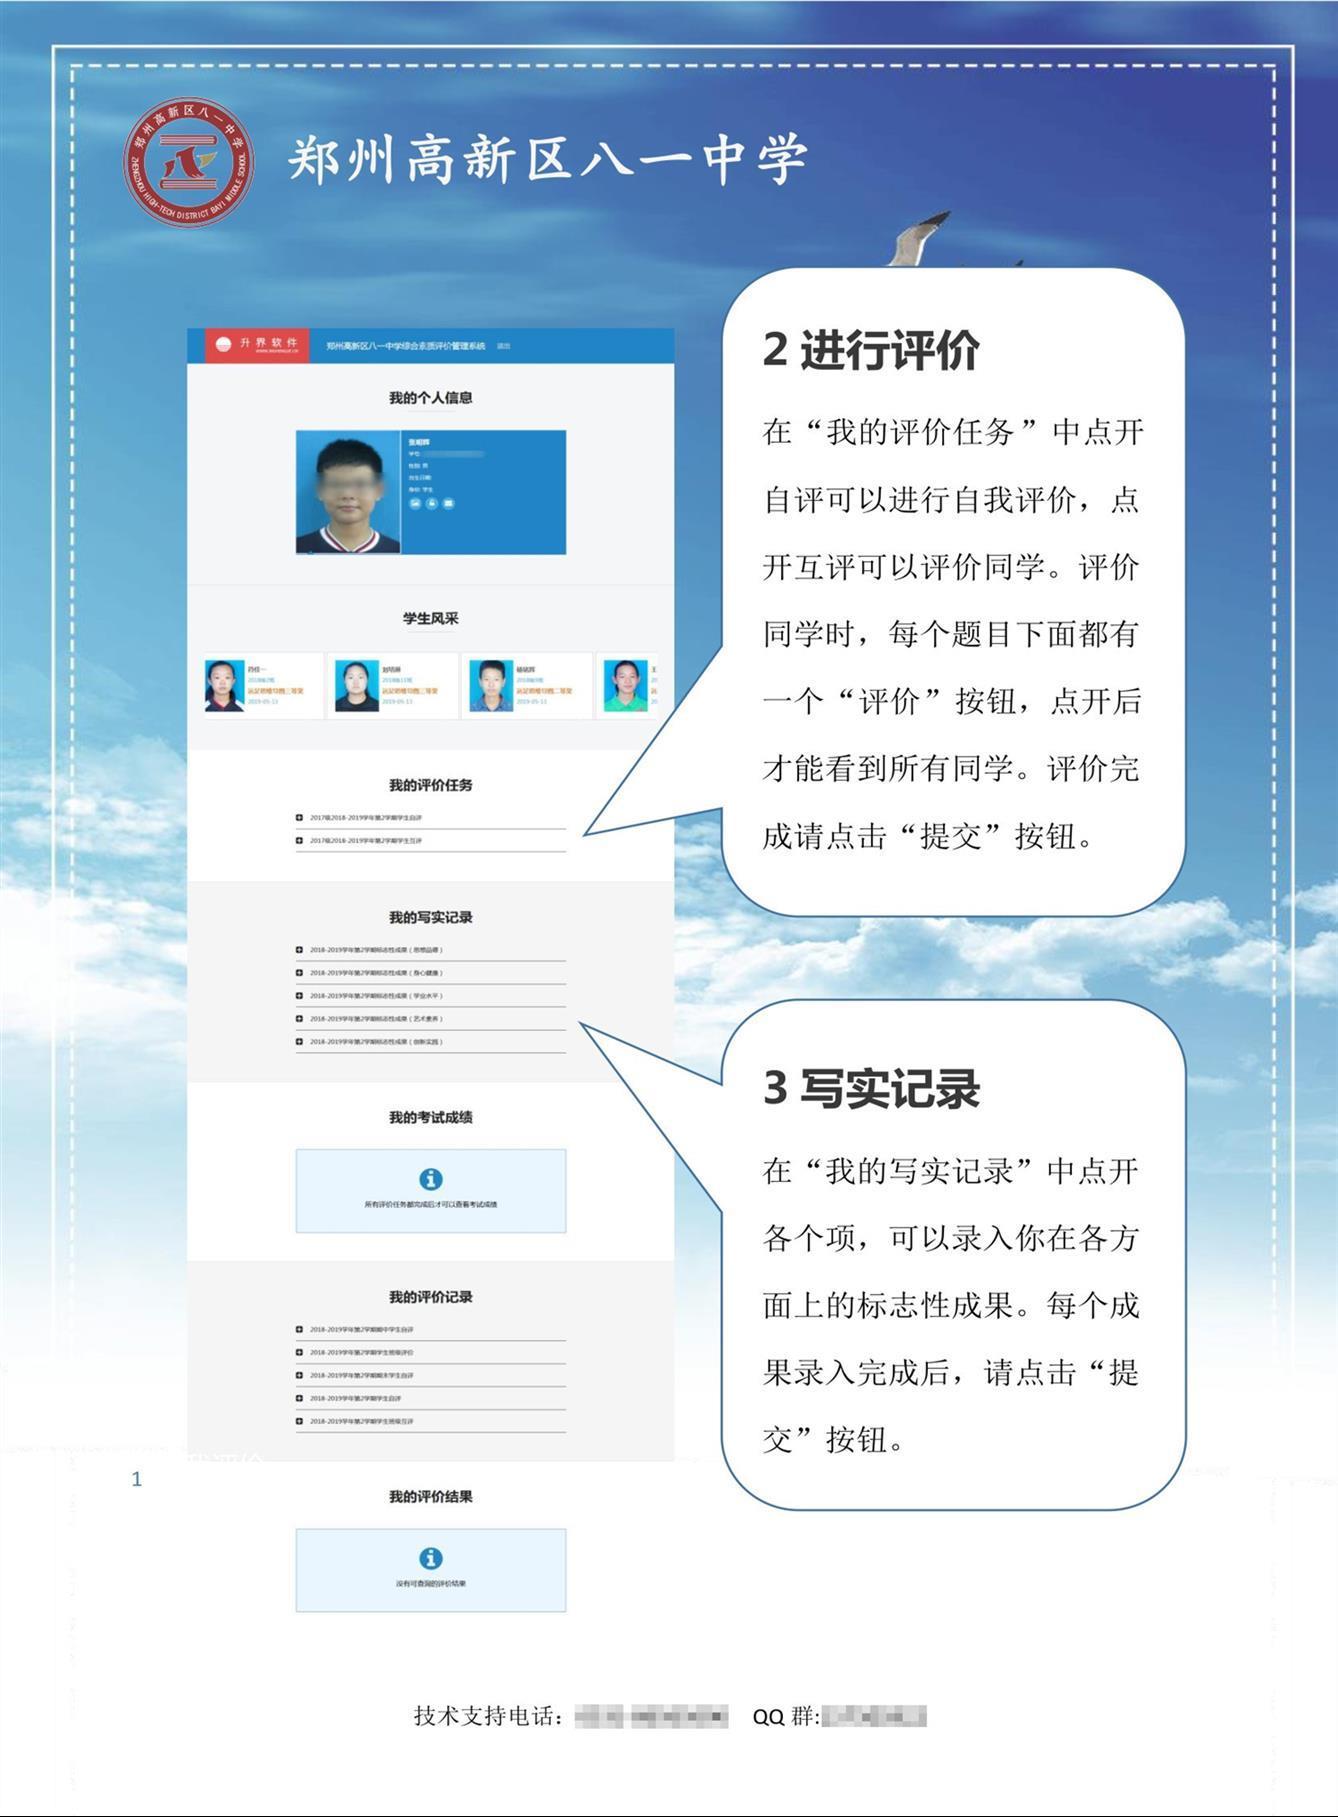 台州初中学生综合素质评价管理系统价格